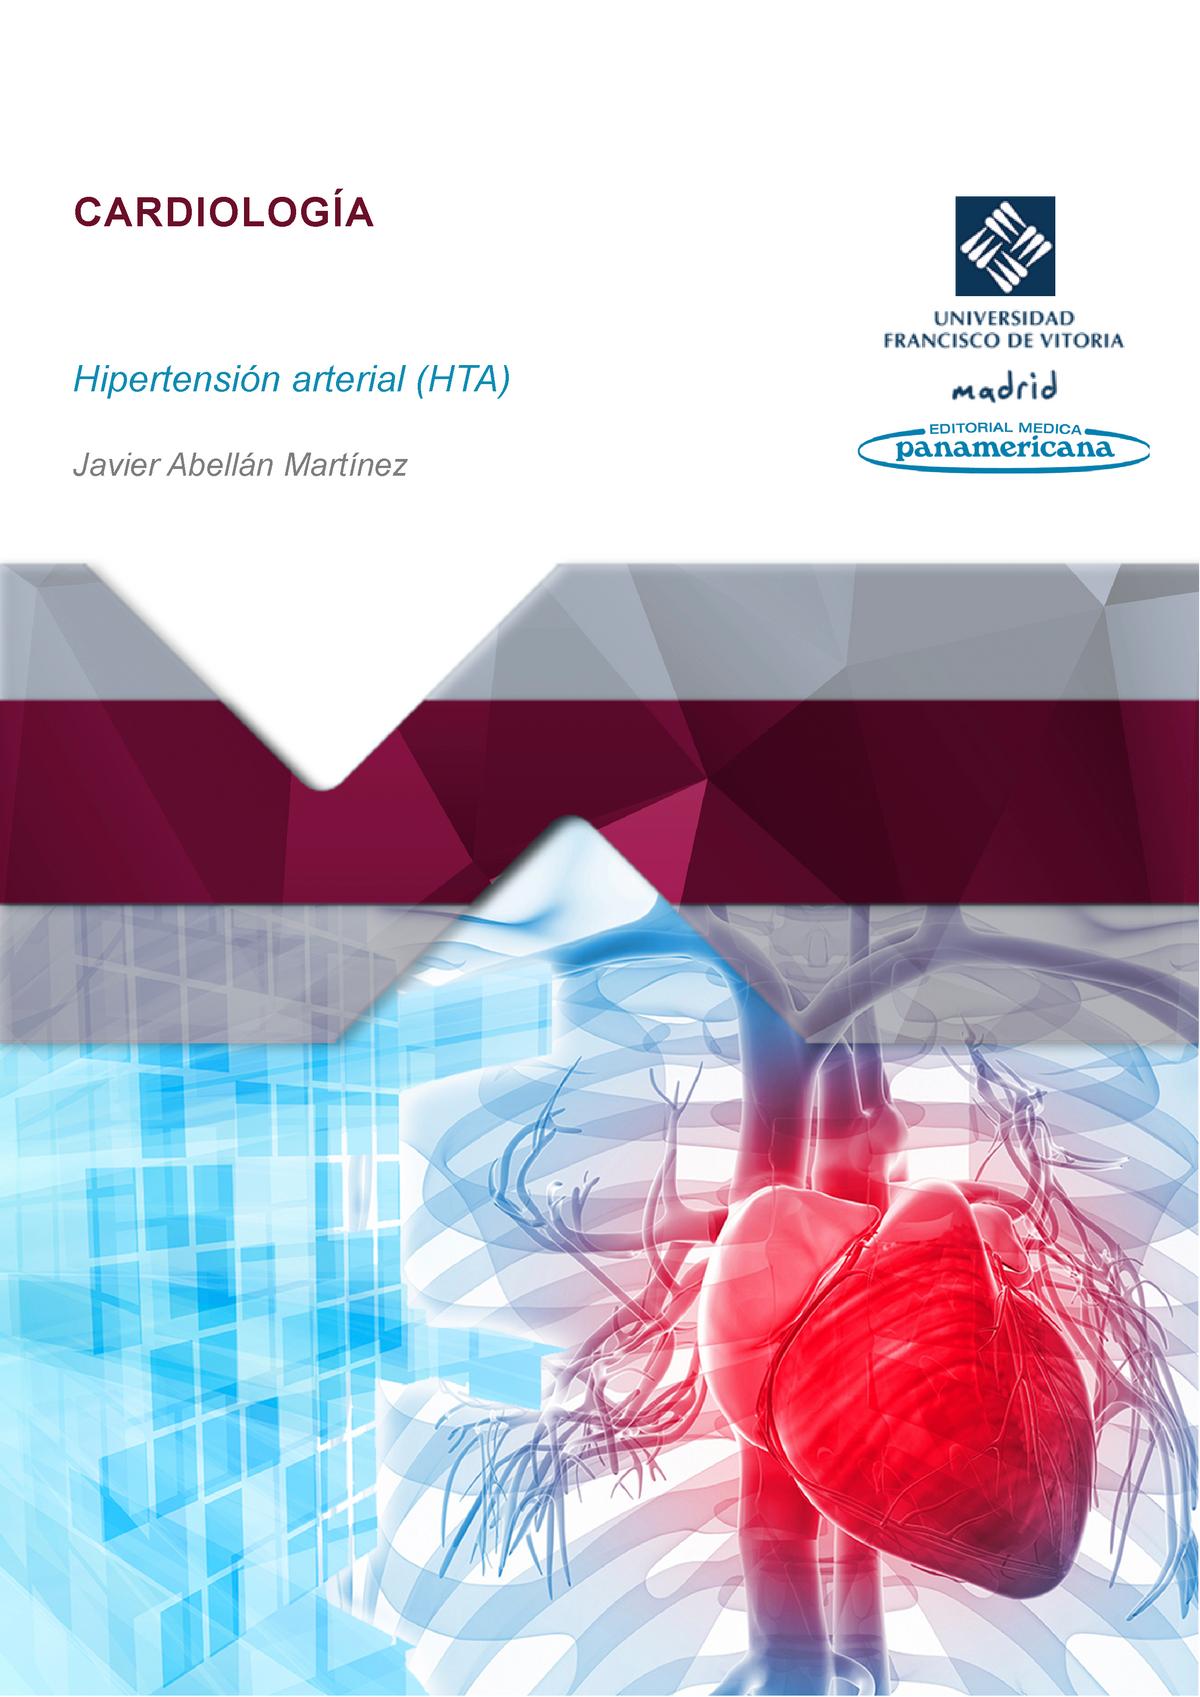 Hemorragia conjuntival por hipertensión benigna